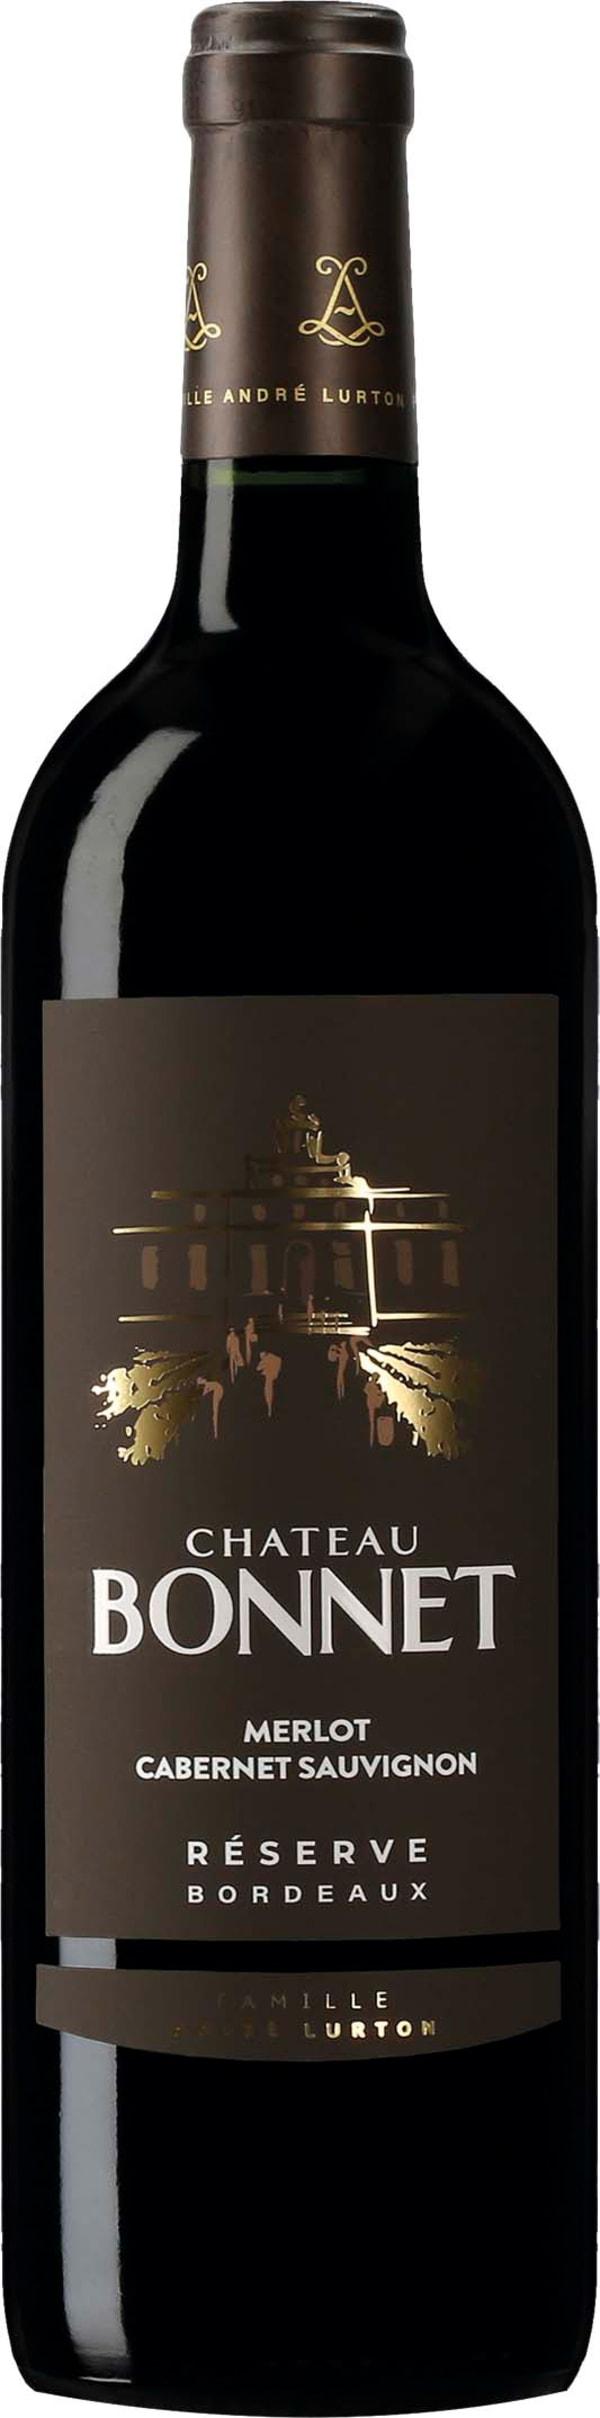 Château Bonnet Reserve 2015